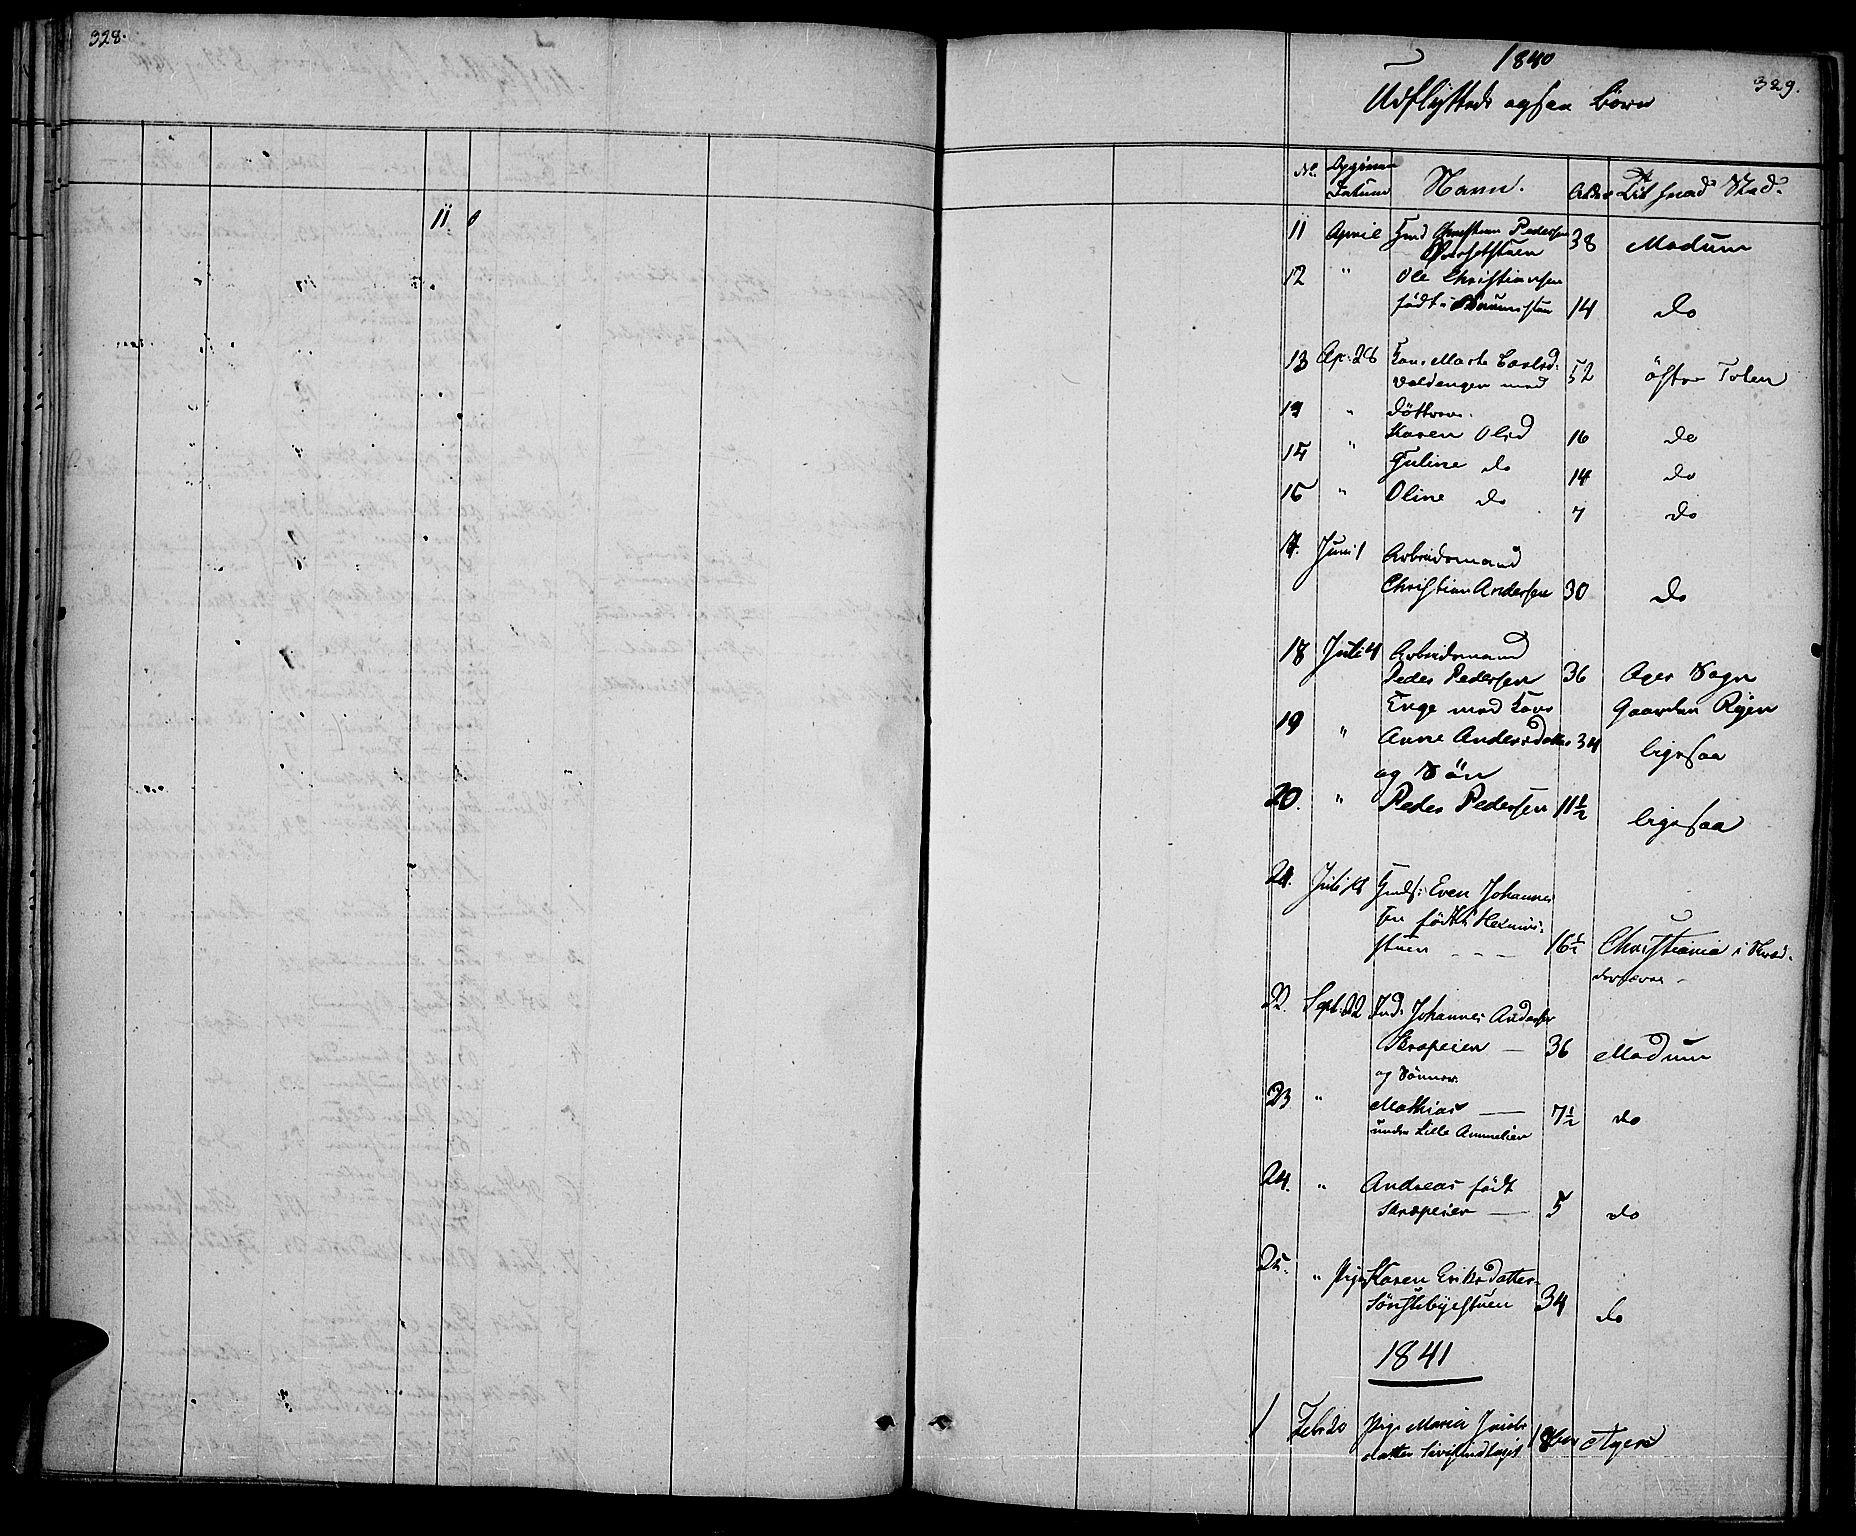 SAH, Vestre Toten prestekontor, Ministerialbok nr. 3, 1836-1843, s. 328-329